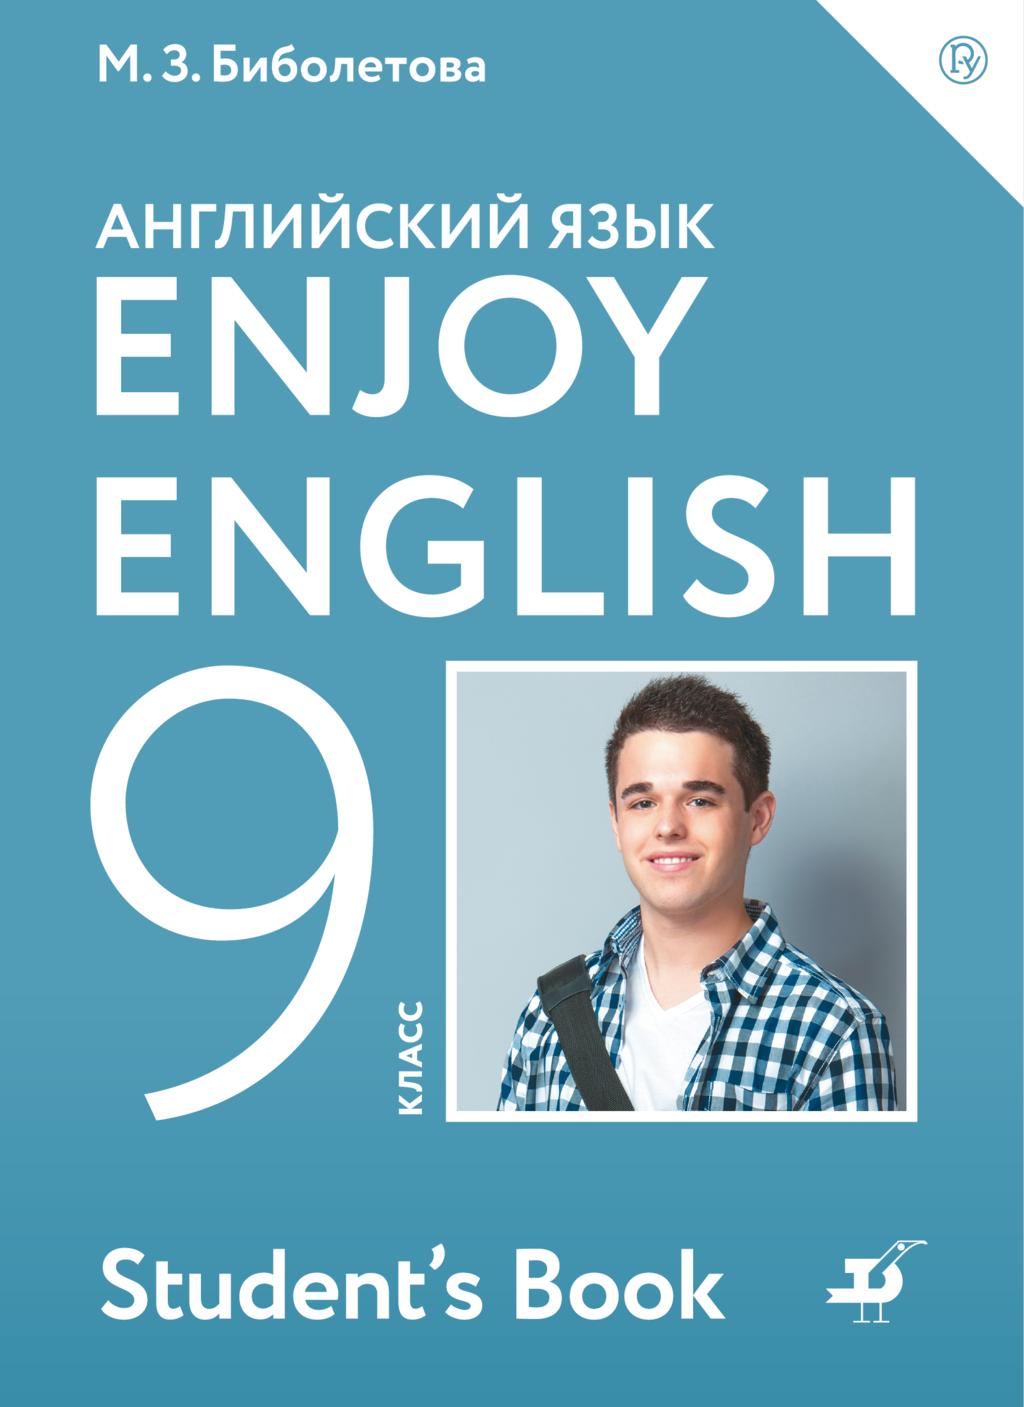 Enjoy English. Английский с удовольствием: учебник для общеобразовательных учреждений. 9 класс Биболетова Бабушис Кларк Морозова Соловьева